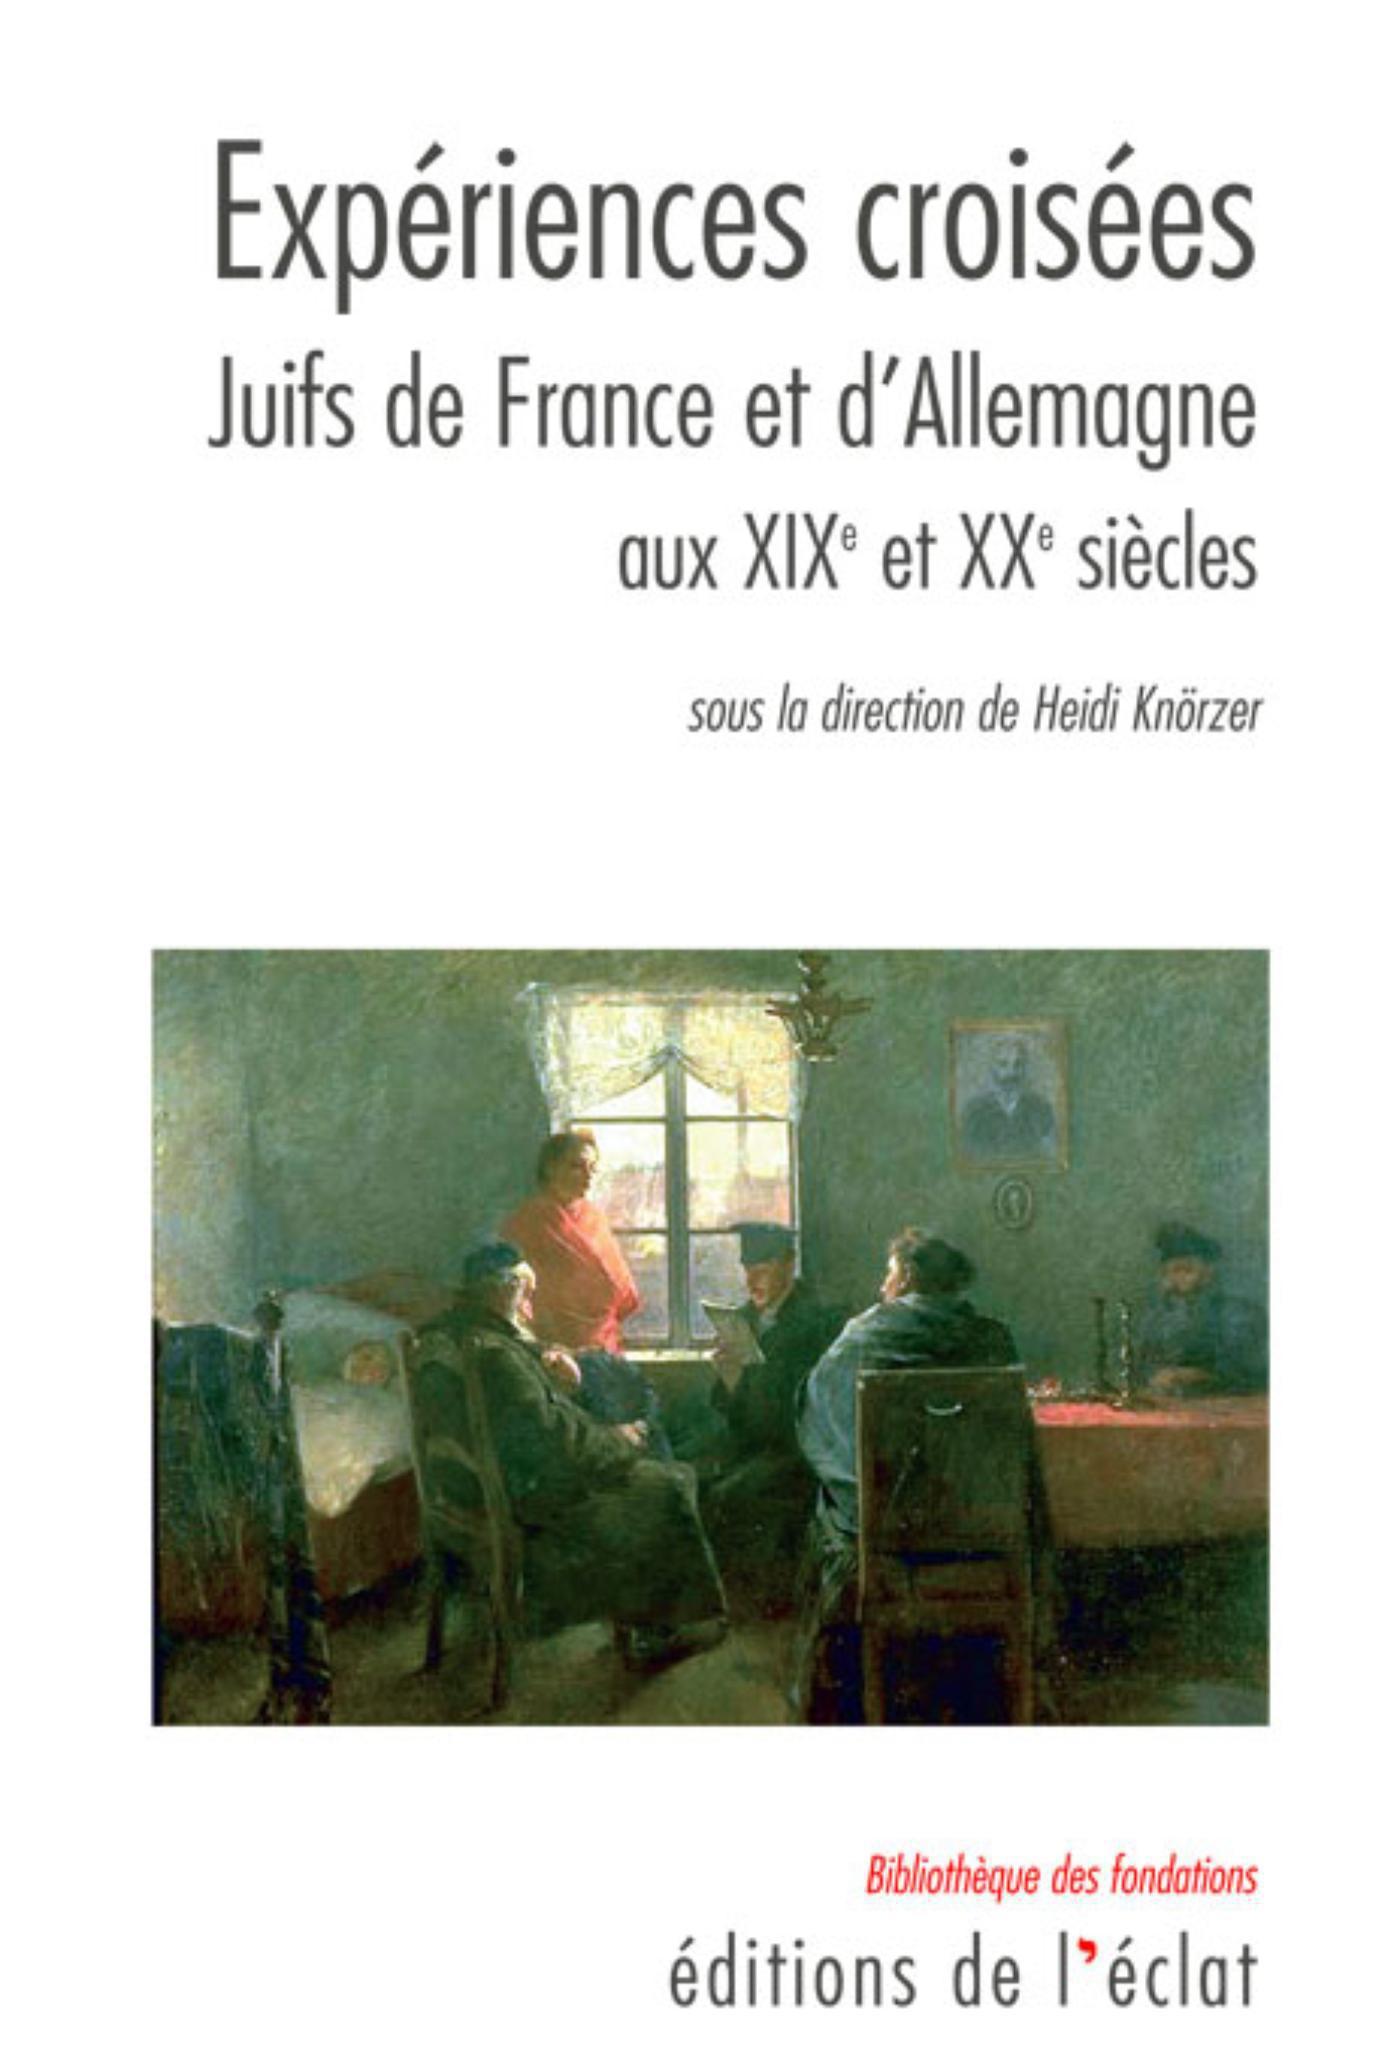 Expériences croisées, Juifs de France et d'Allemagne aux XIXe et XXe siècles